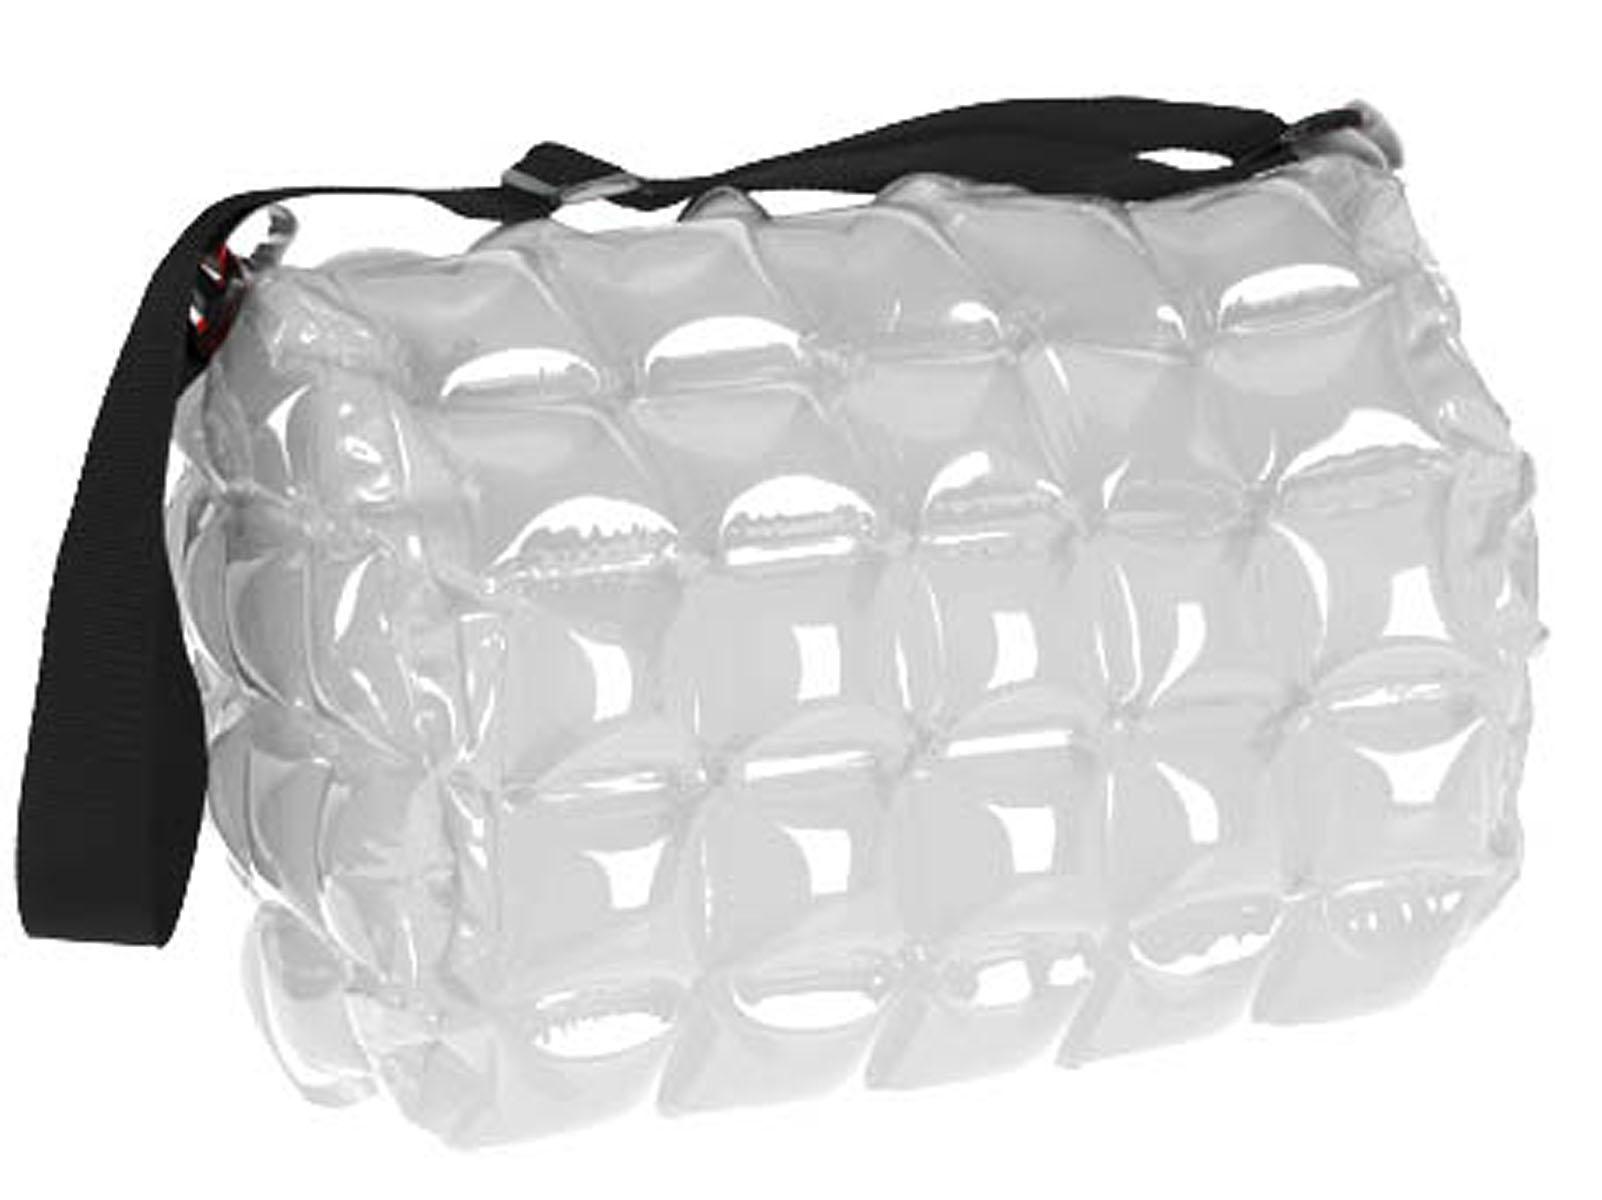 Сумка надувная пляжная Inflat Decor, цвет: серебристый. 0016S76245Яркая надувная сумка - великолепный аксессуар на лето! Сумка выполнена из ПВХ и снабжена ручкой из полиэстера. Сумка легко надувается при помощи мини-насоса (входит в комплект) или рта. В сдутом виде сумка очень компактна и не займет много места. Надувная вместительная сумка - отличное решение для отдыха на пляже. Характеристики: Материал: ПВХ, полиэстер.Размер сумки: 31 см х 42 см.